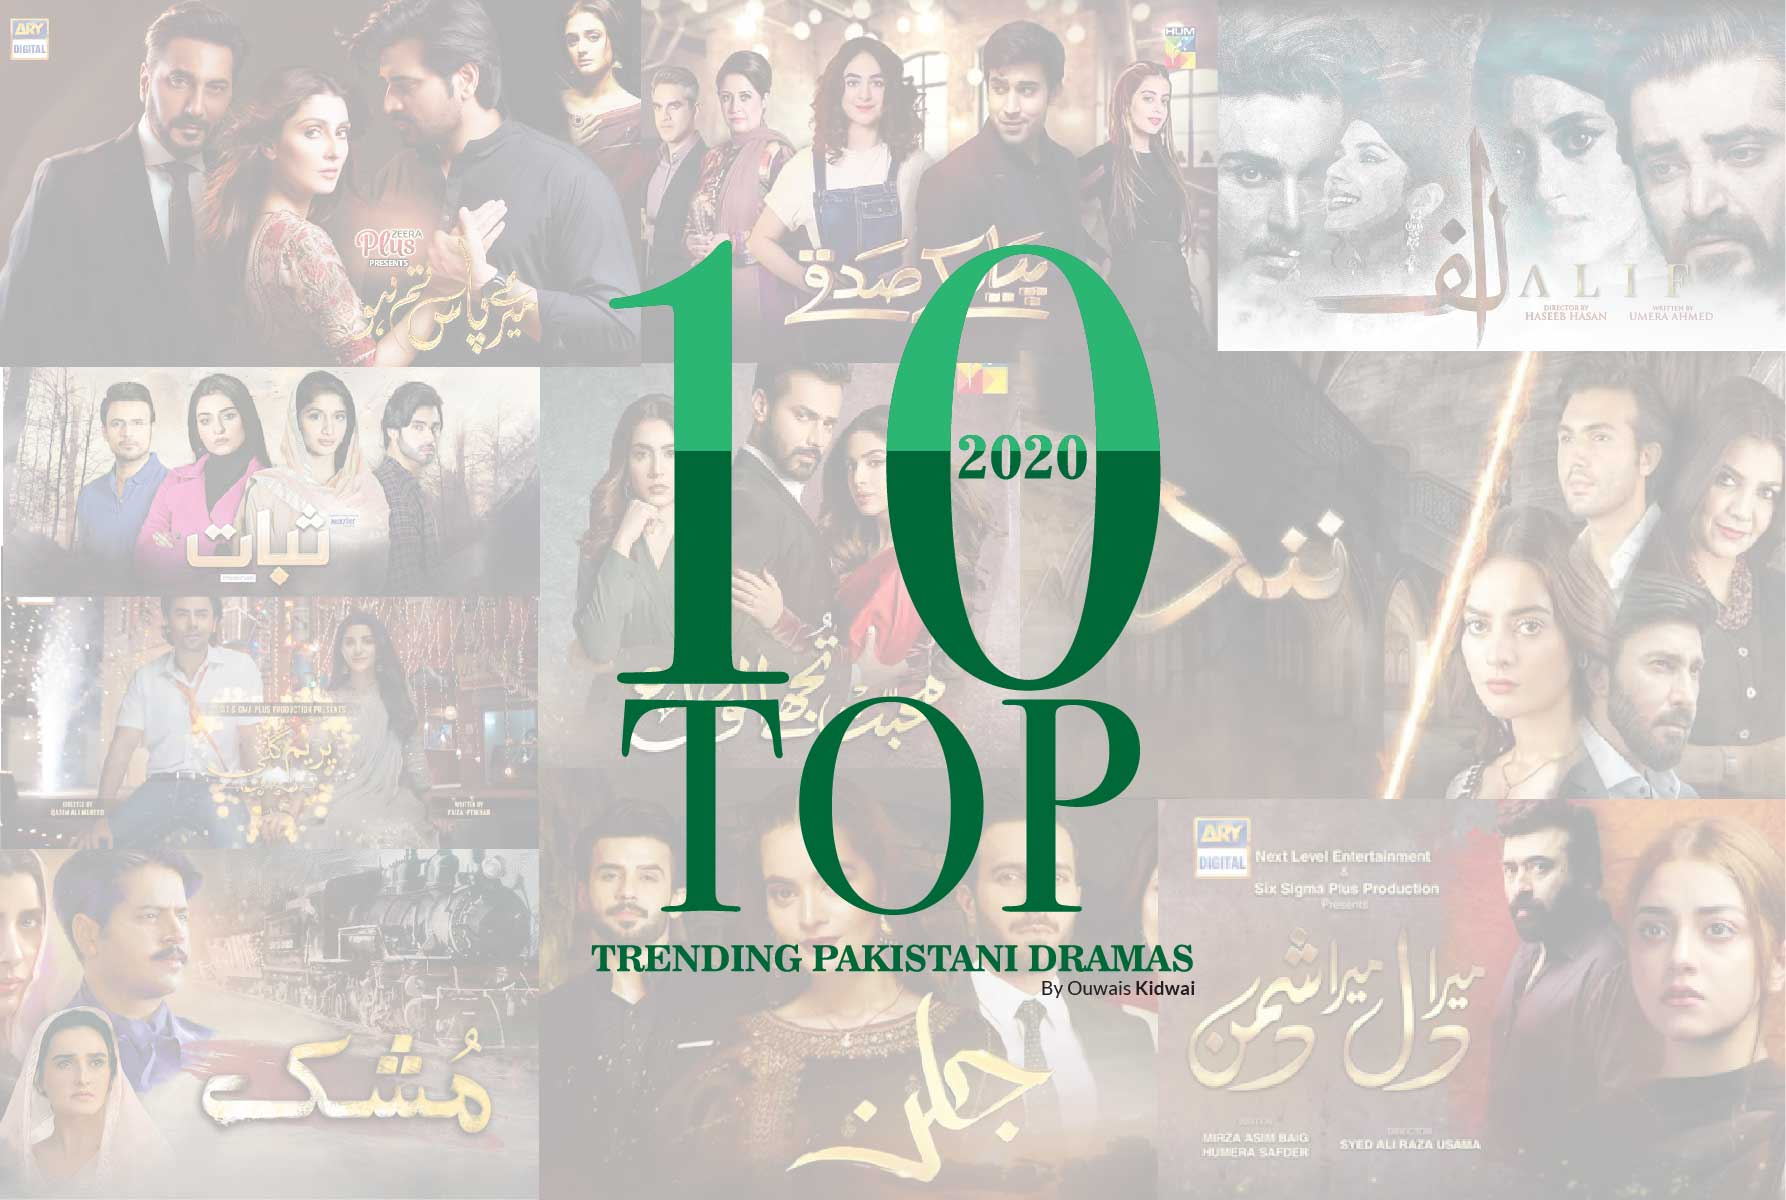 2020_Top_10_Trending_Pakistani_Dramas